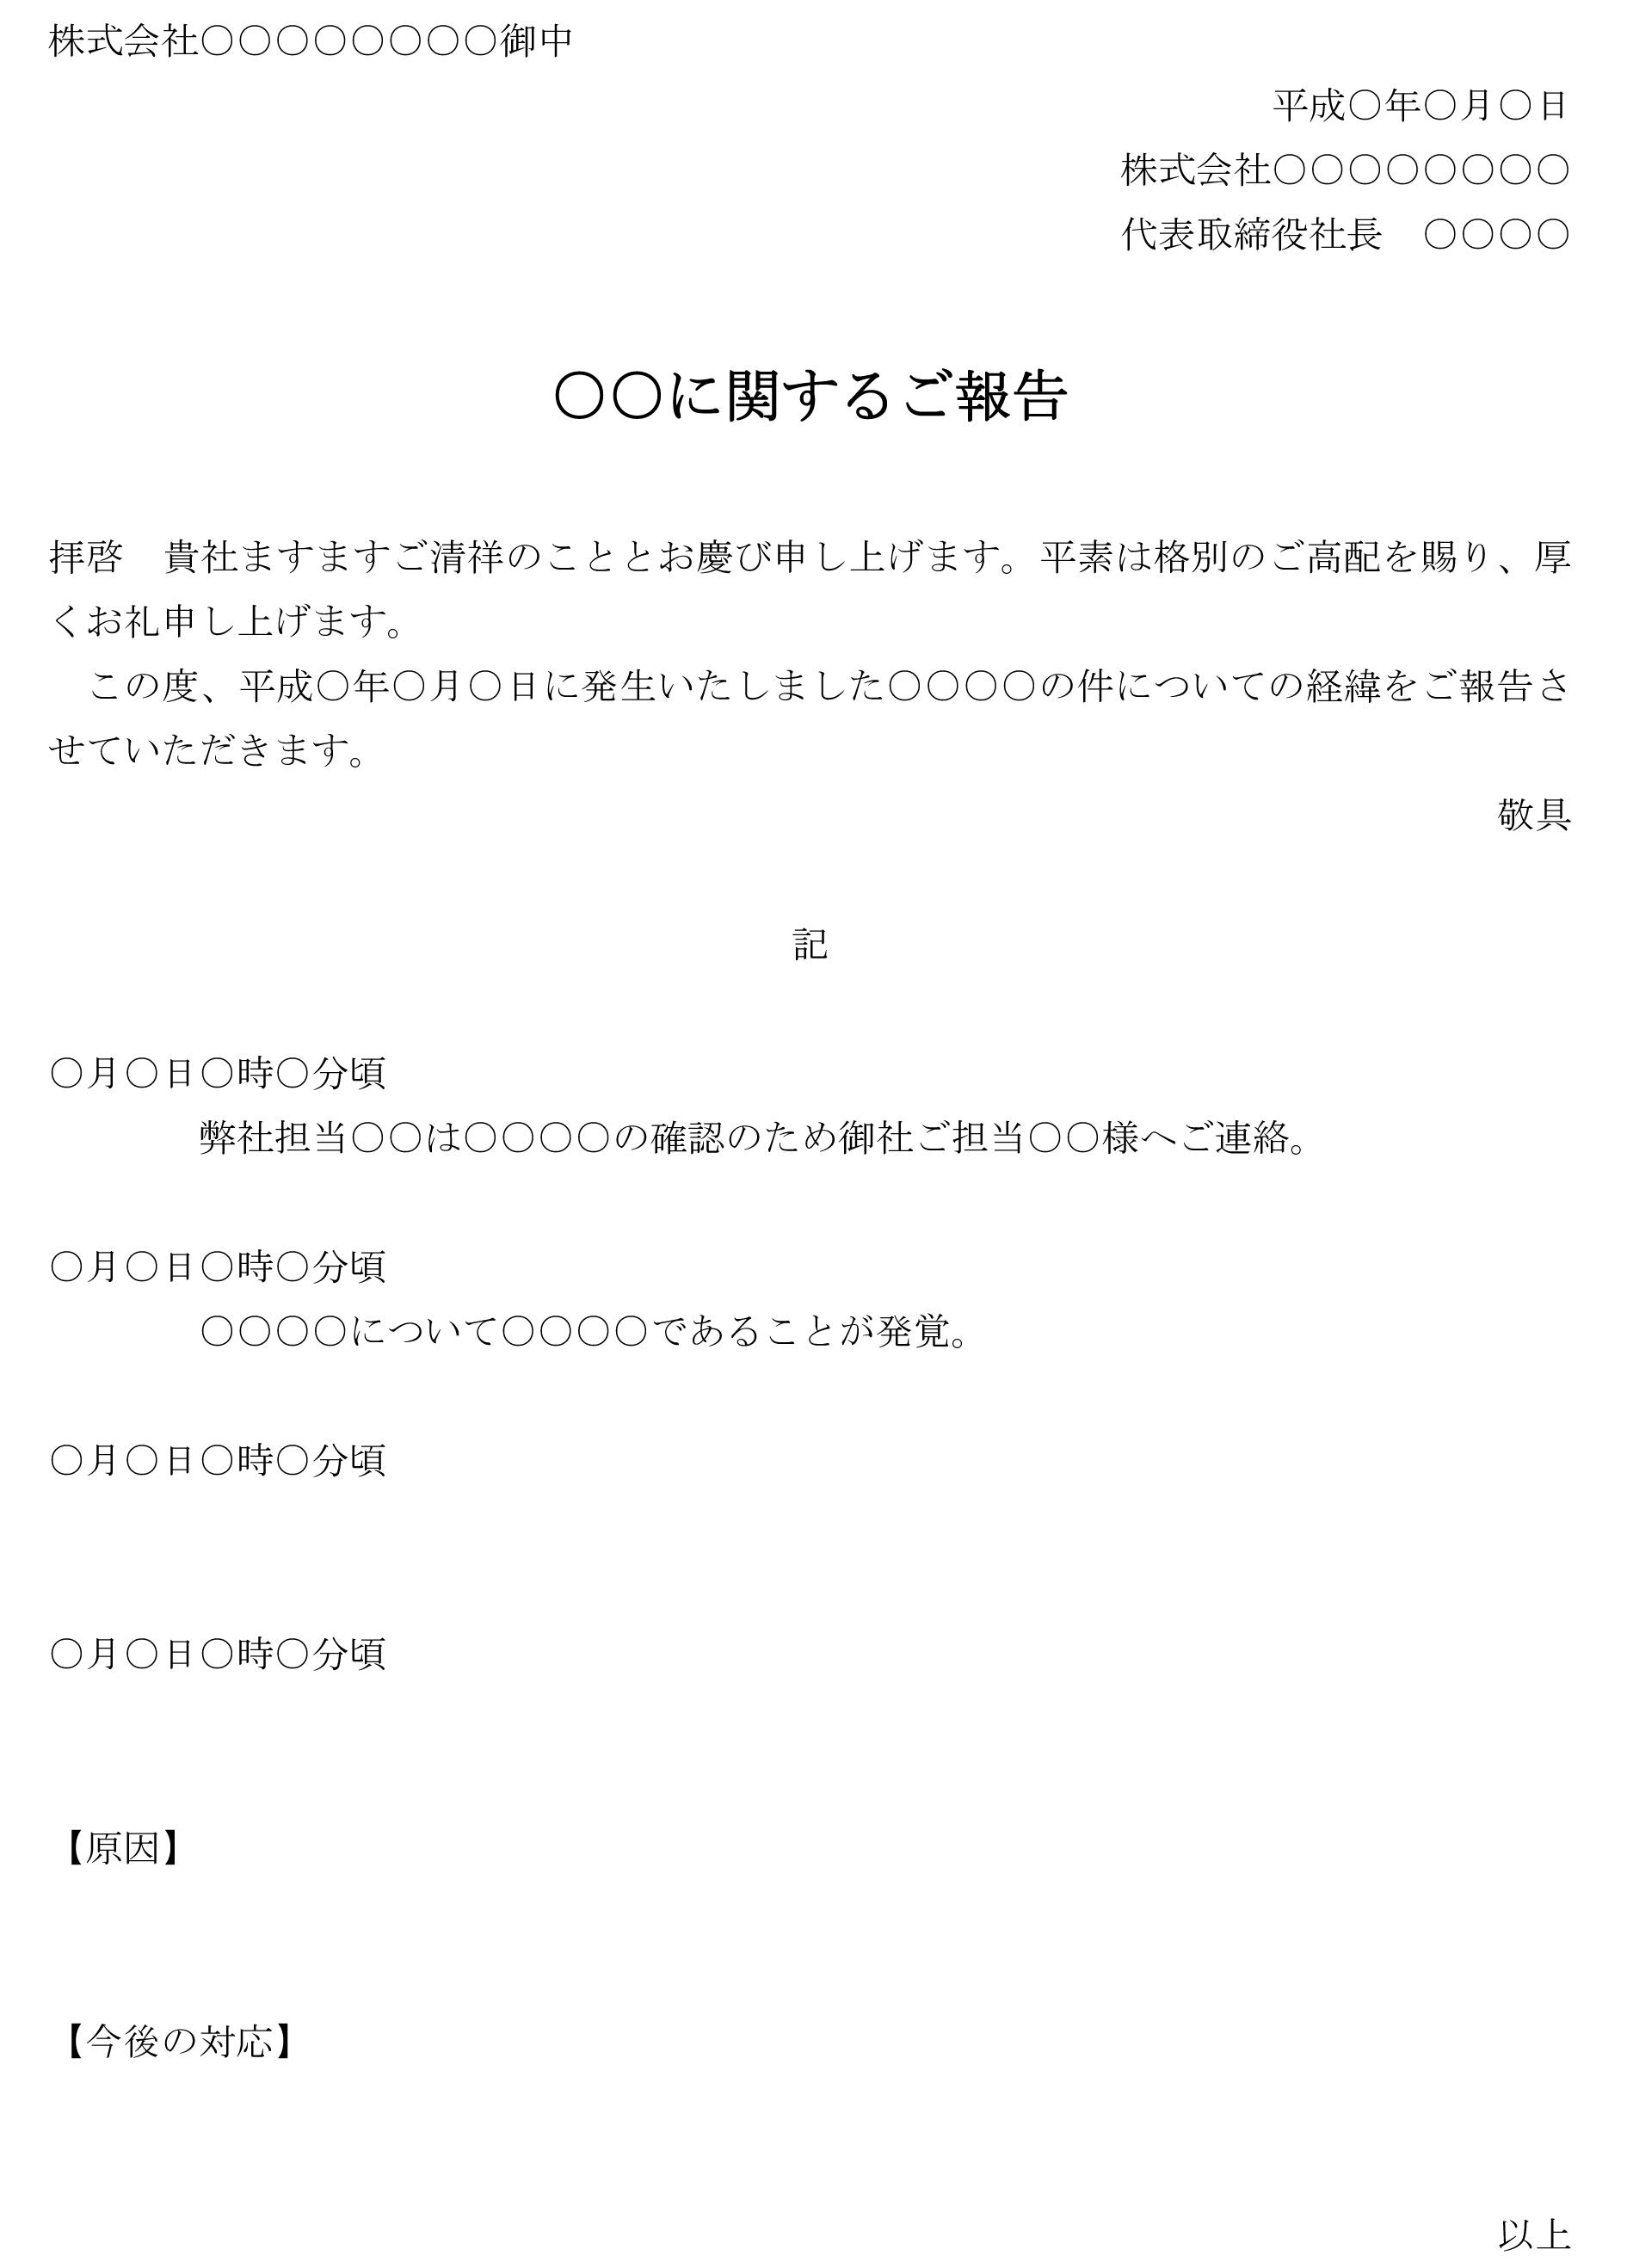 経緯報告書(社外用)